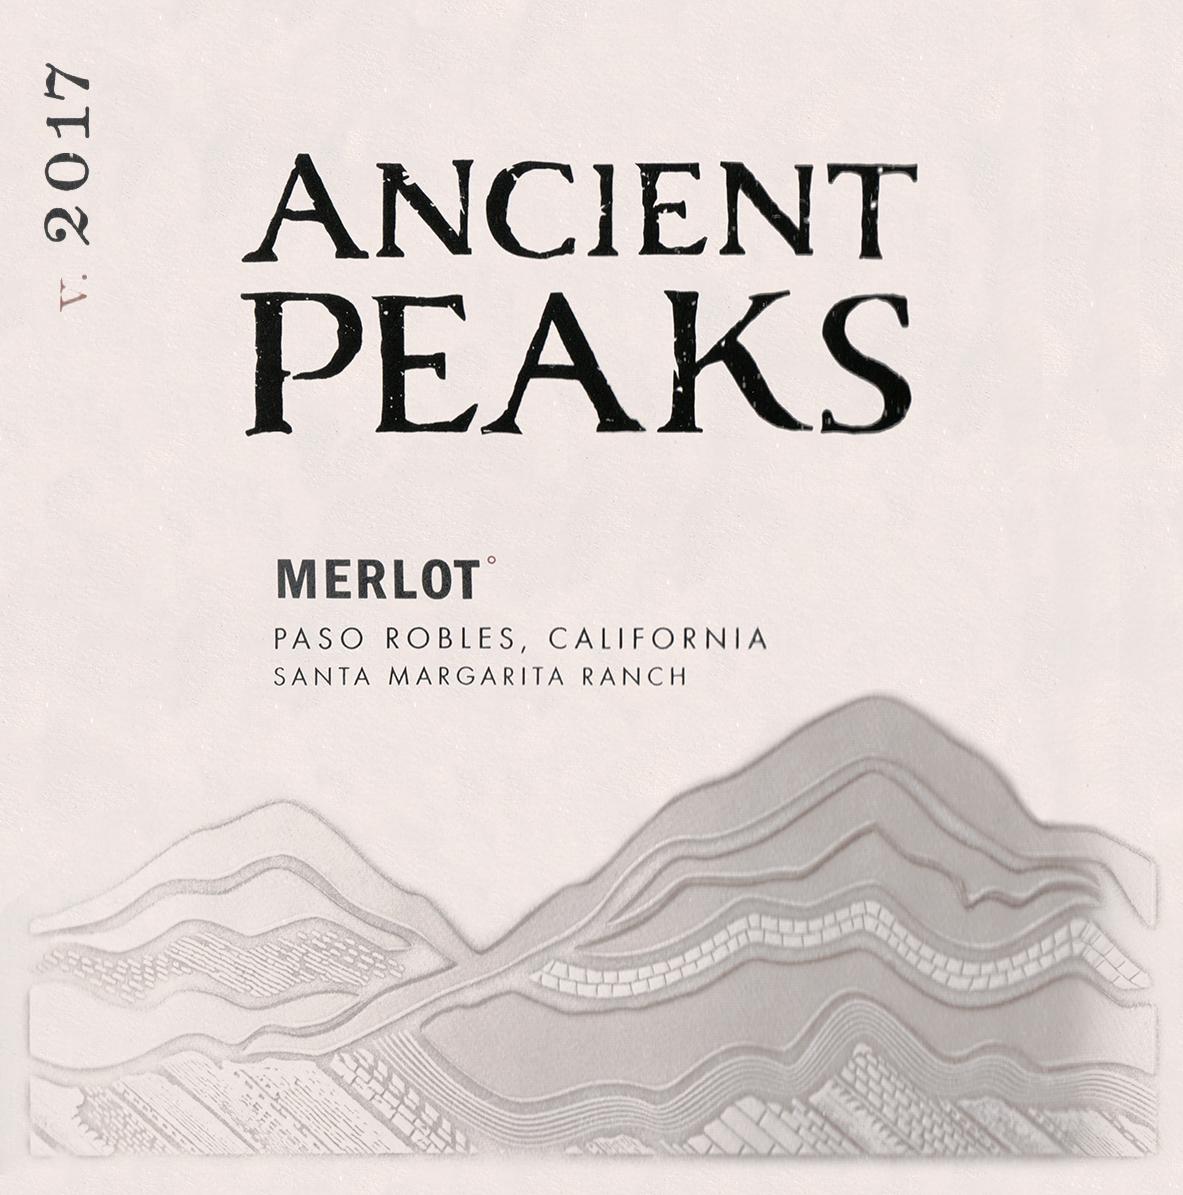 Ancient Peaks Merlot 2017